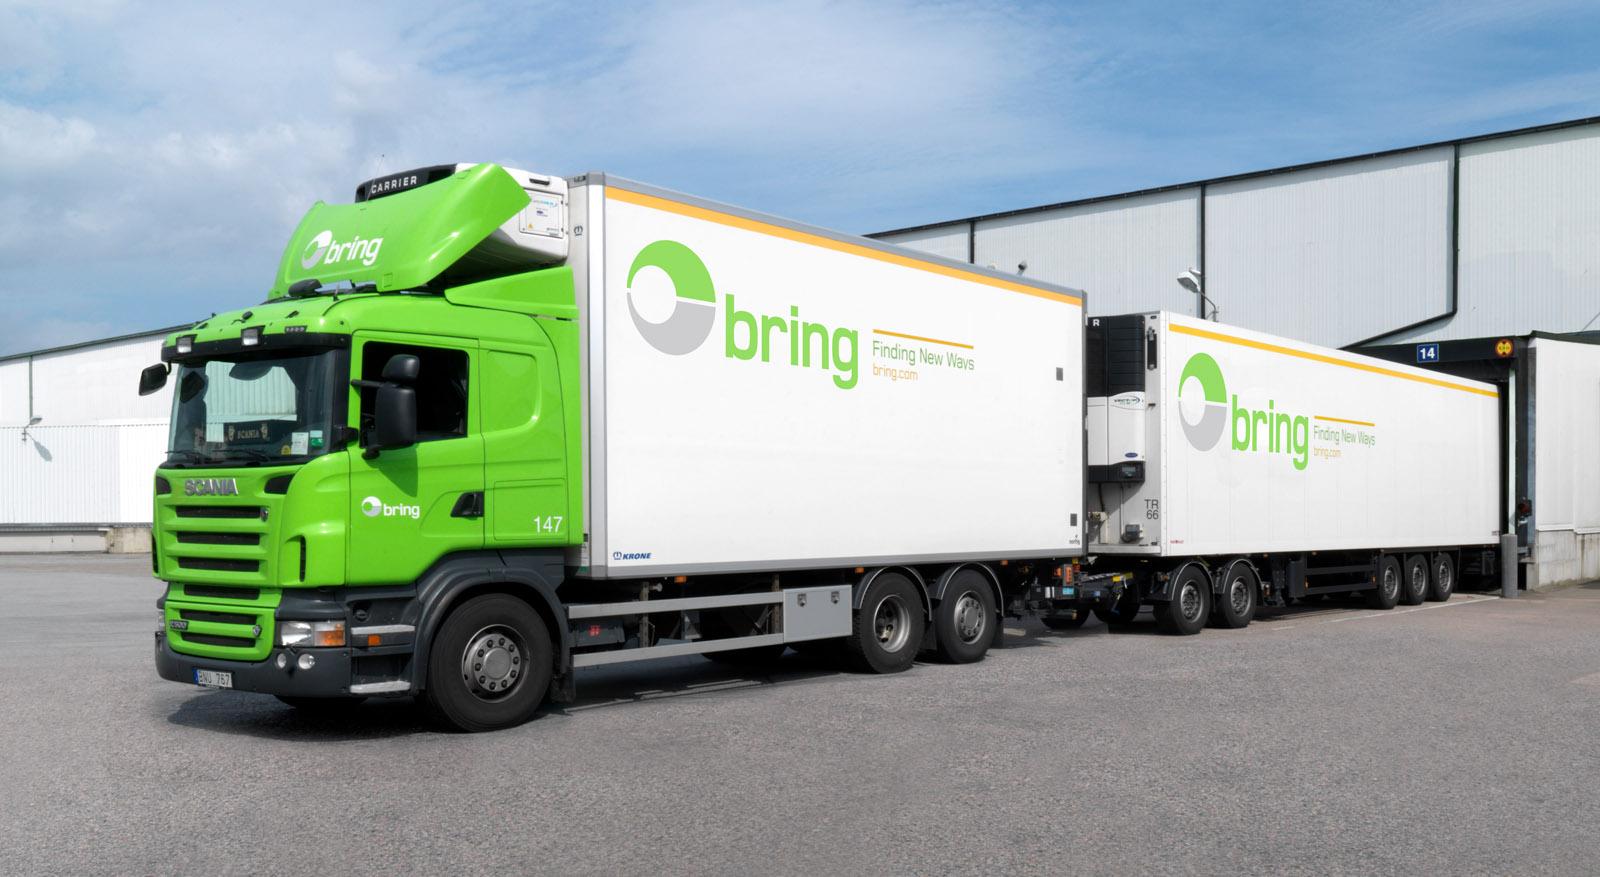 Bring Frigo väljer Iver som ny leverantör av IT-drifttjänster